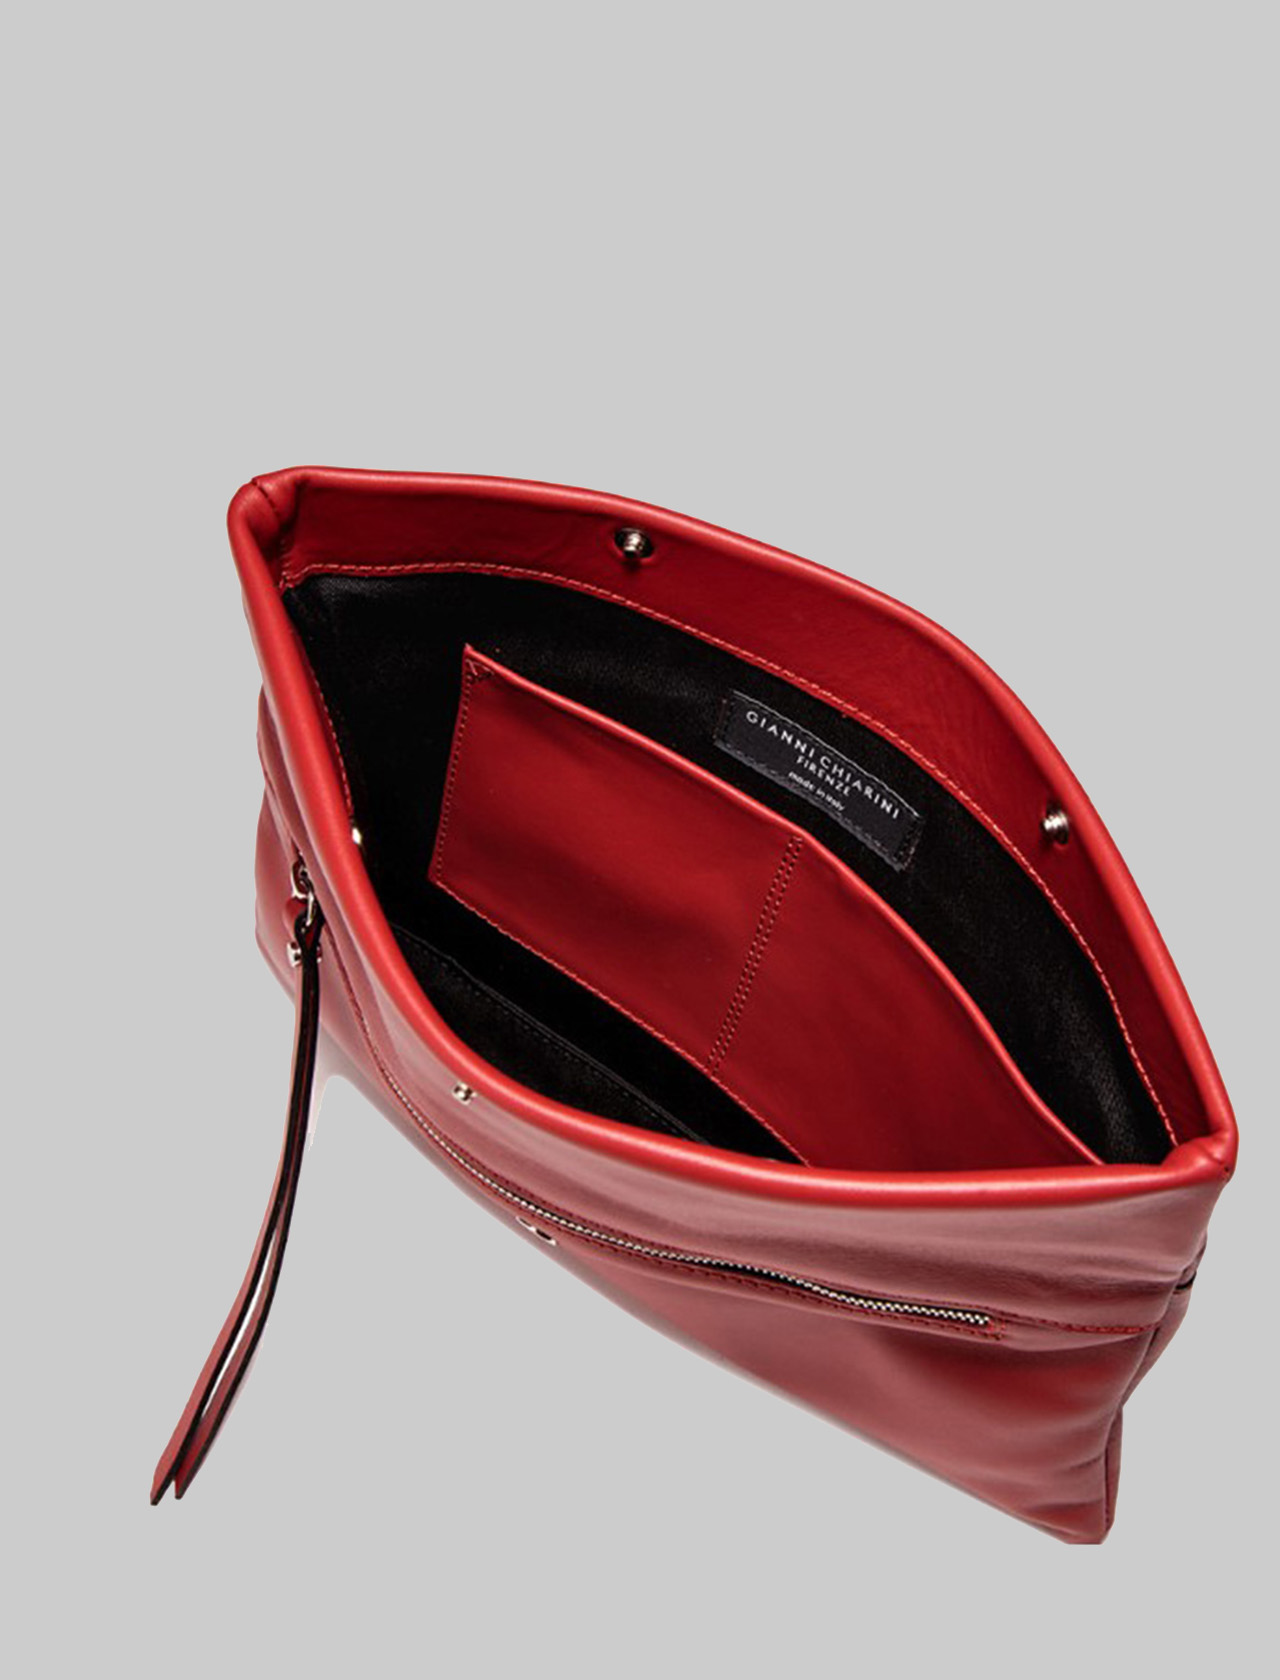 Borsa Donna Pochette Cherry In Pelle Liscia Rossa Con Tracolla Removibile A Tono Gianni Chiarini | Borse e zaini | BS737511707